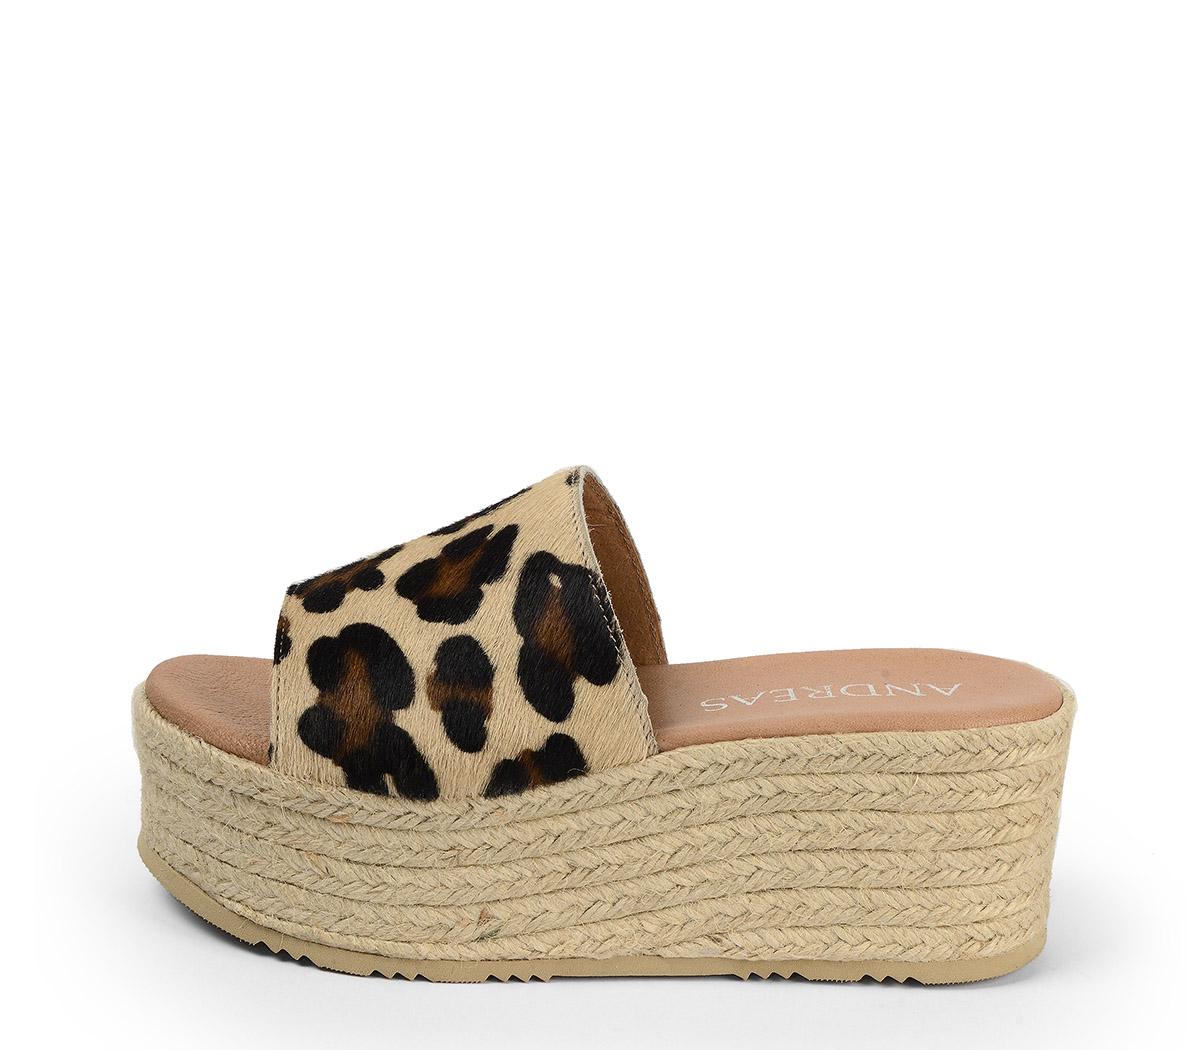 Ref. 4403 Sandalia de potro con estampado leopardo. Plataforma esparto color natural. Altura plataforma trasera de 6.5 cm y plataforma delantera de 5 cm